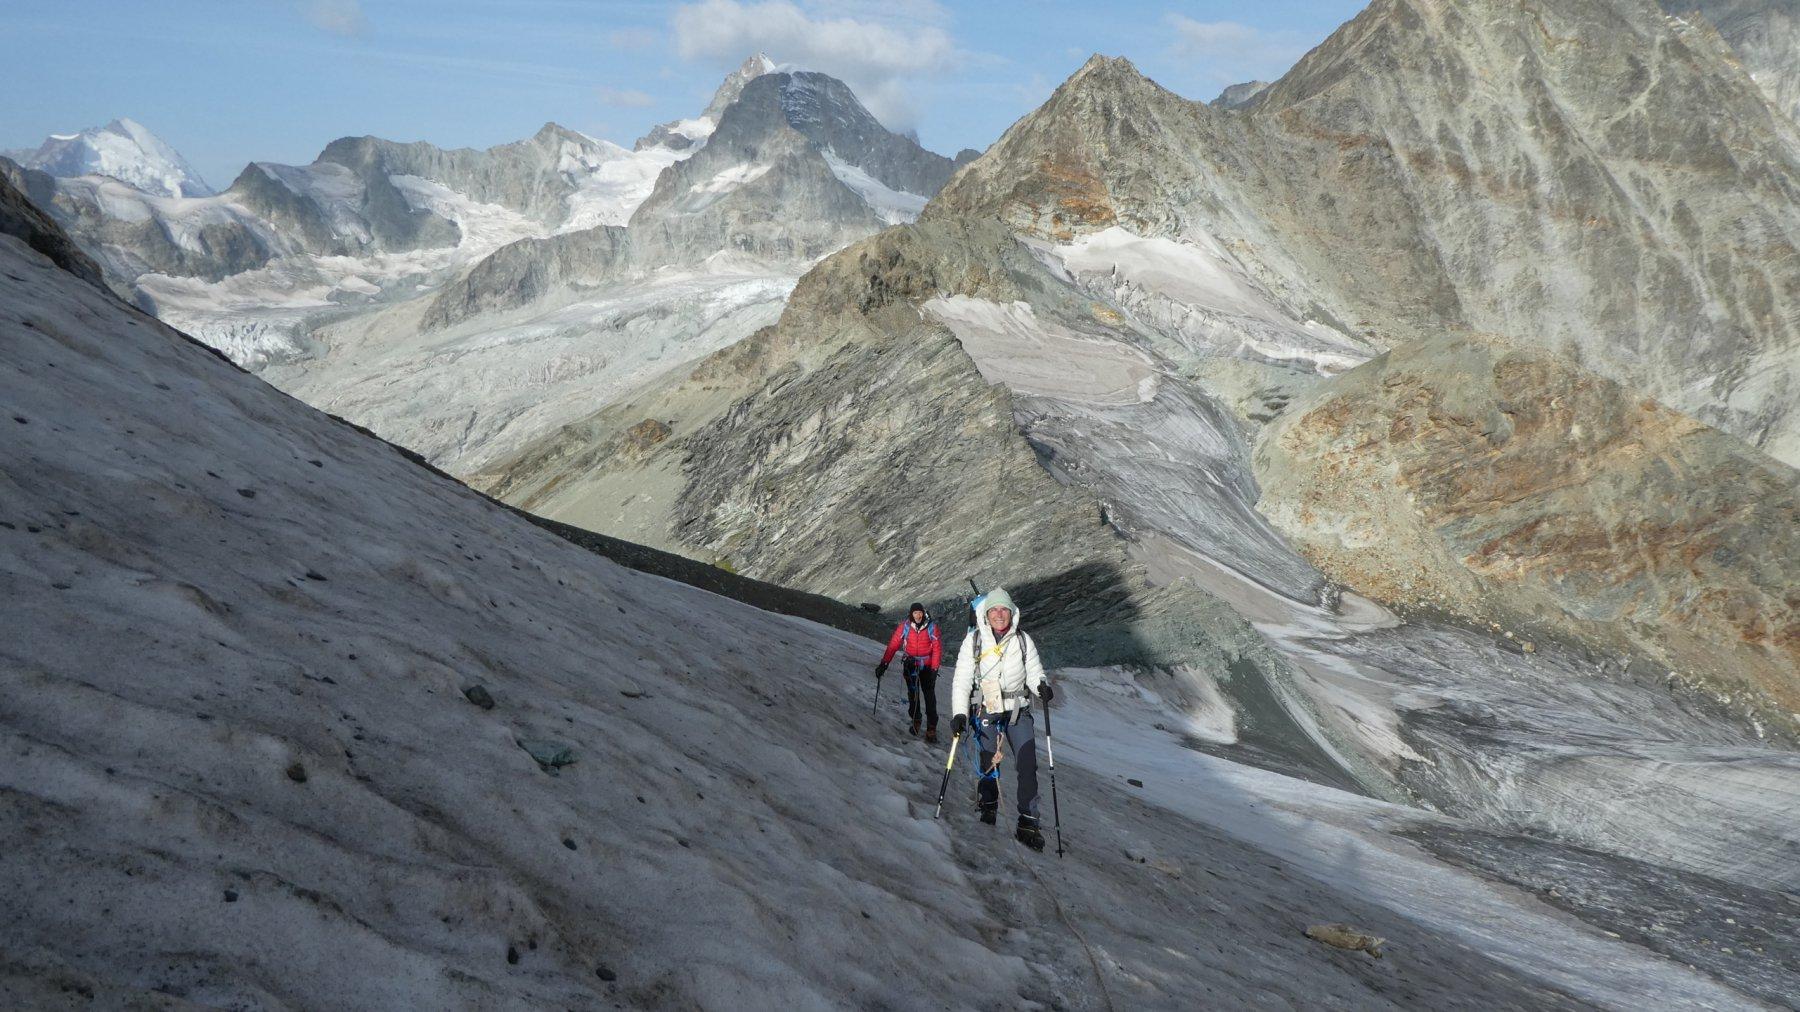 Mettelhorn e Platthorn Via Normale da Zermatt per il Vallone del Triftbach 2017-08-27